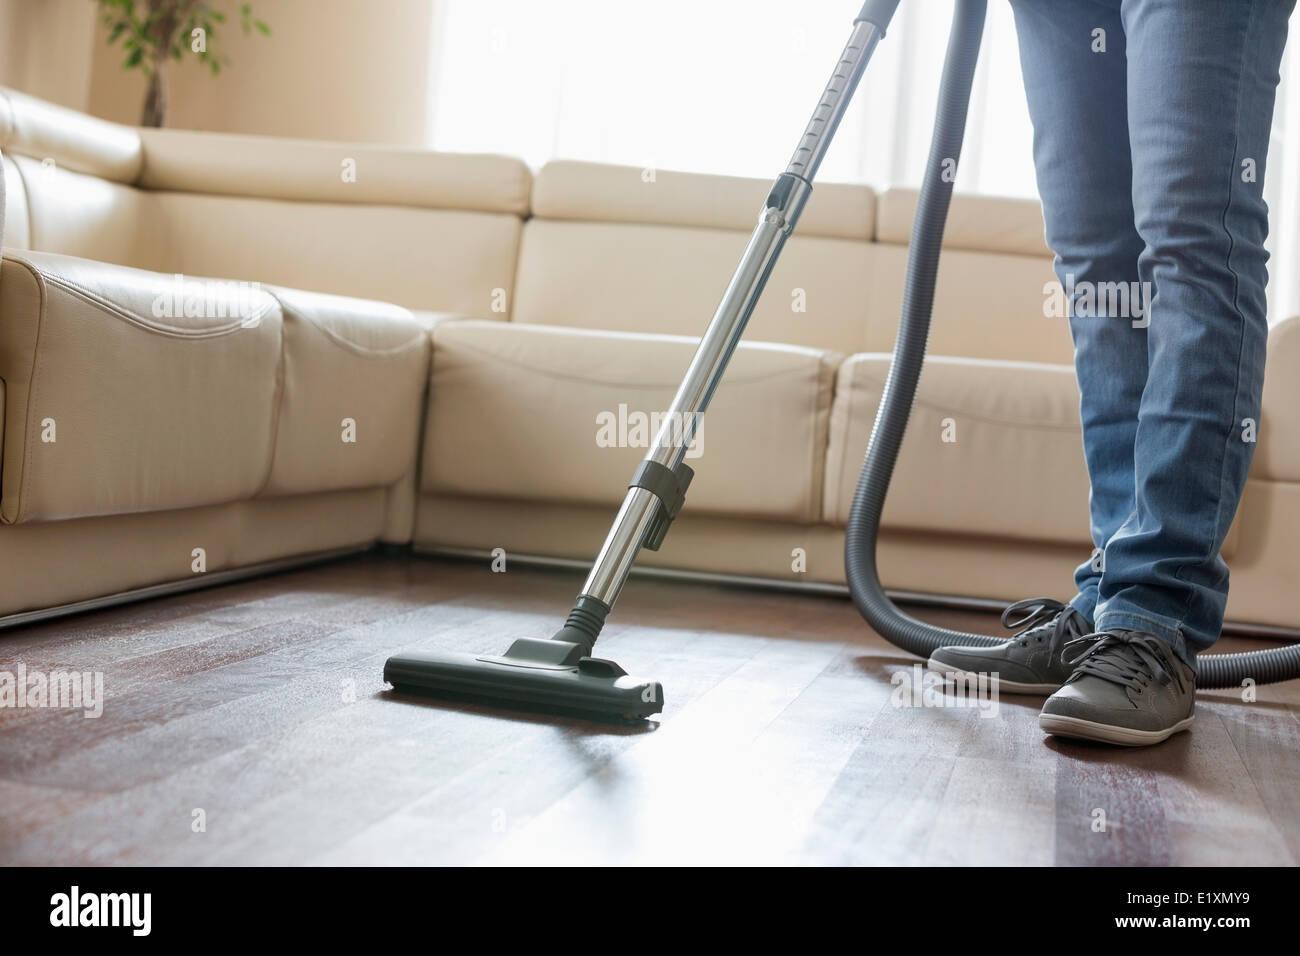 Sezione bassa dell uomo la pulizia del pavimento in legno con un aspirapolvere Immagini Stock